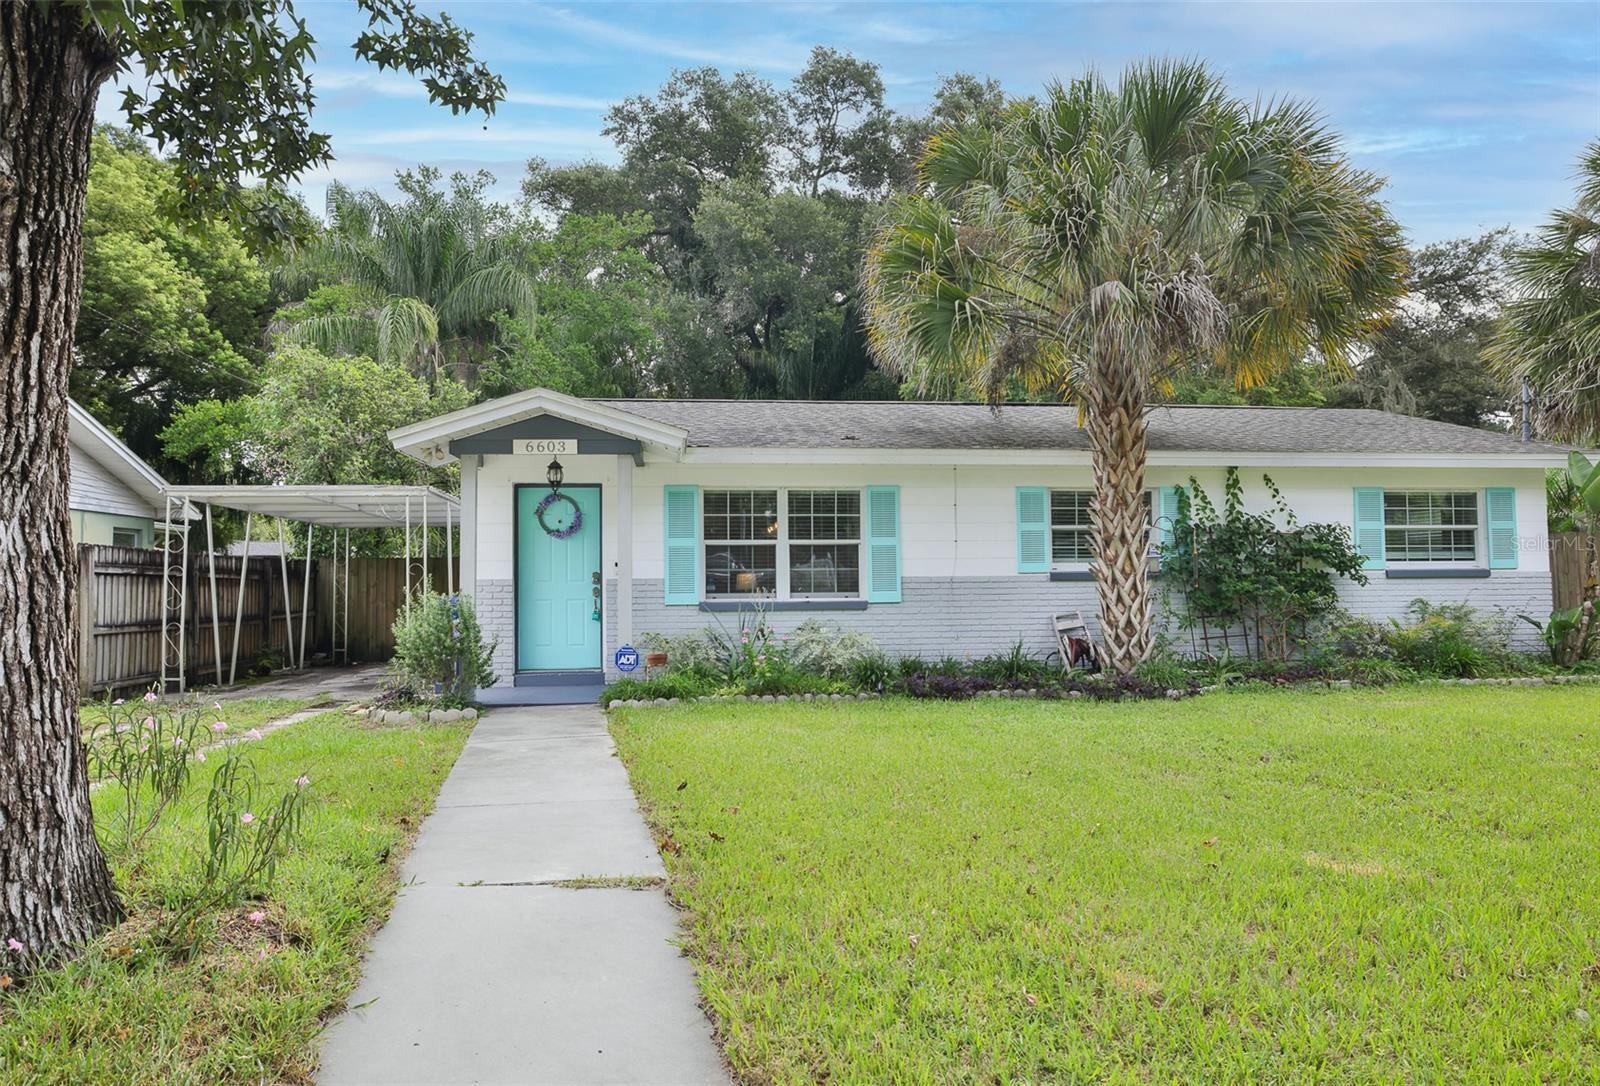 6603 N 12TH STREET, Tampa, FL 33604 - #: T3326206